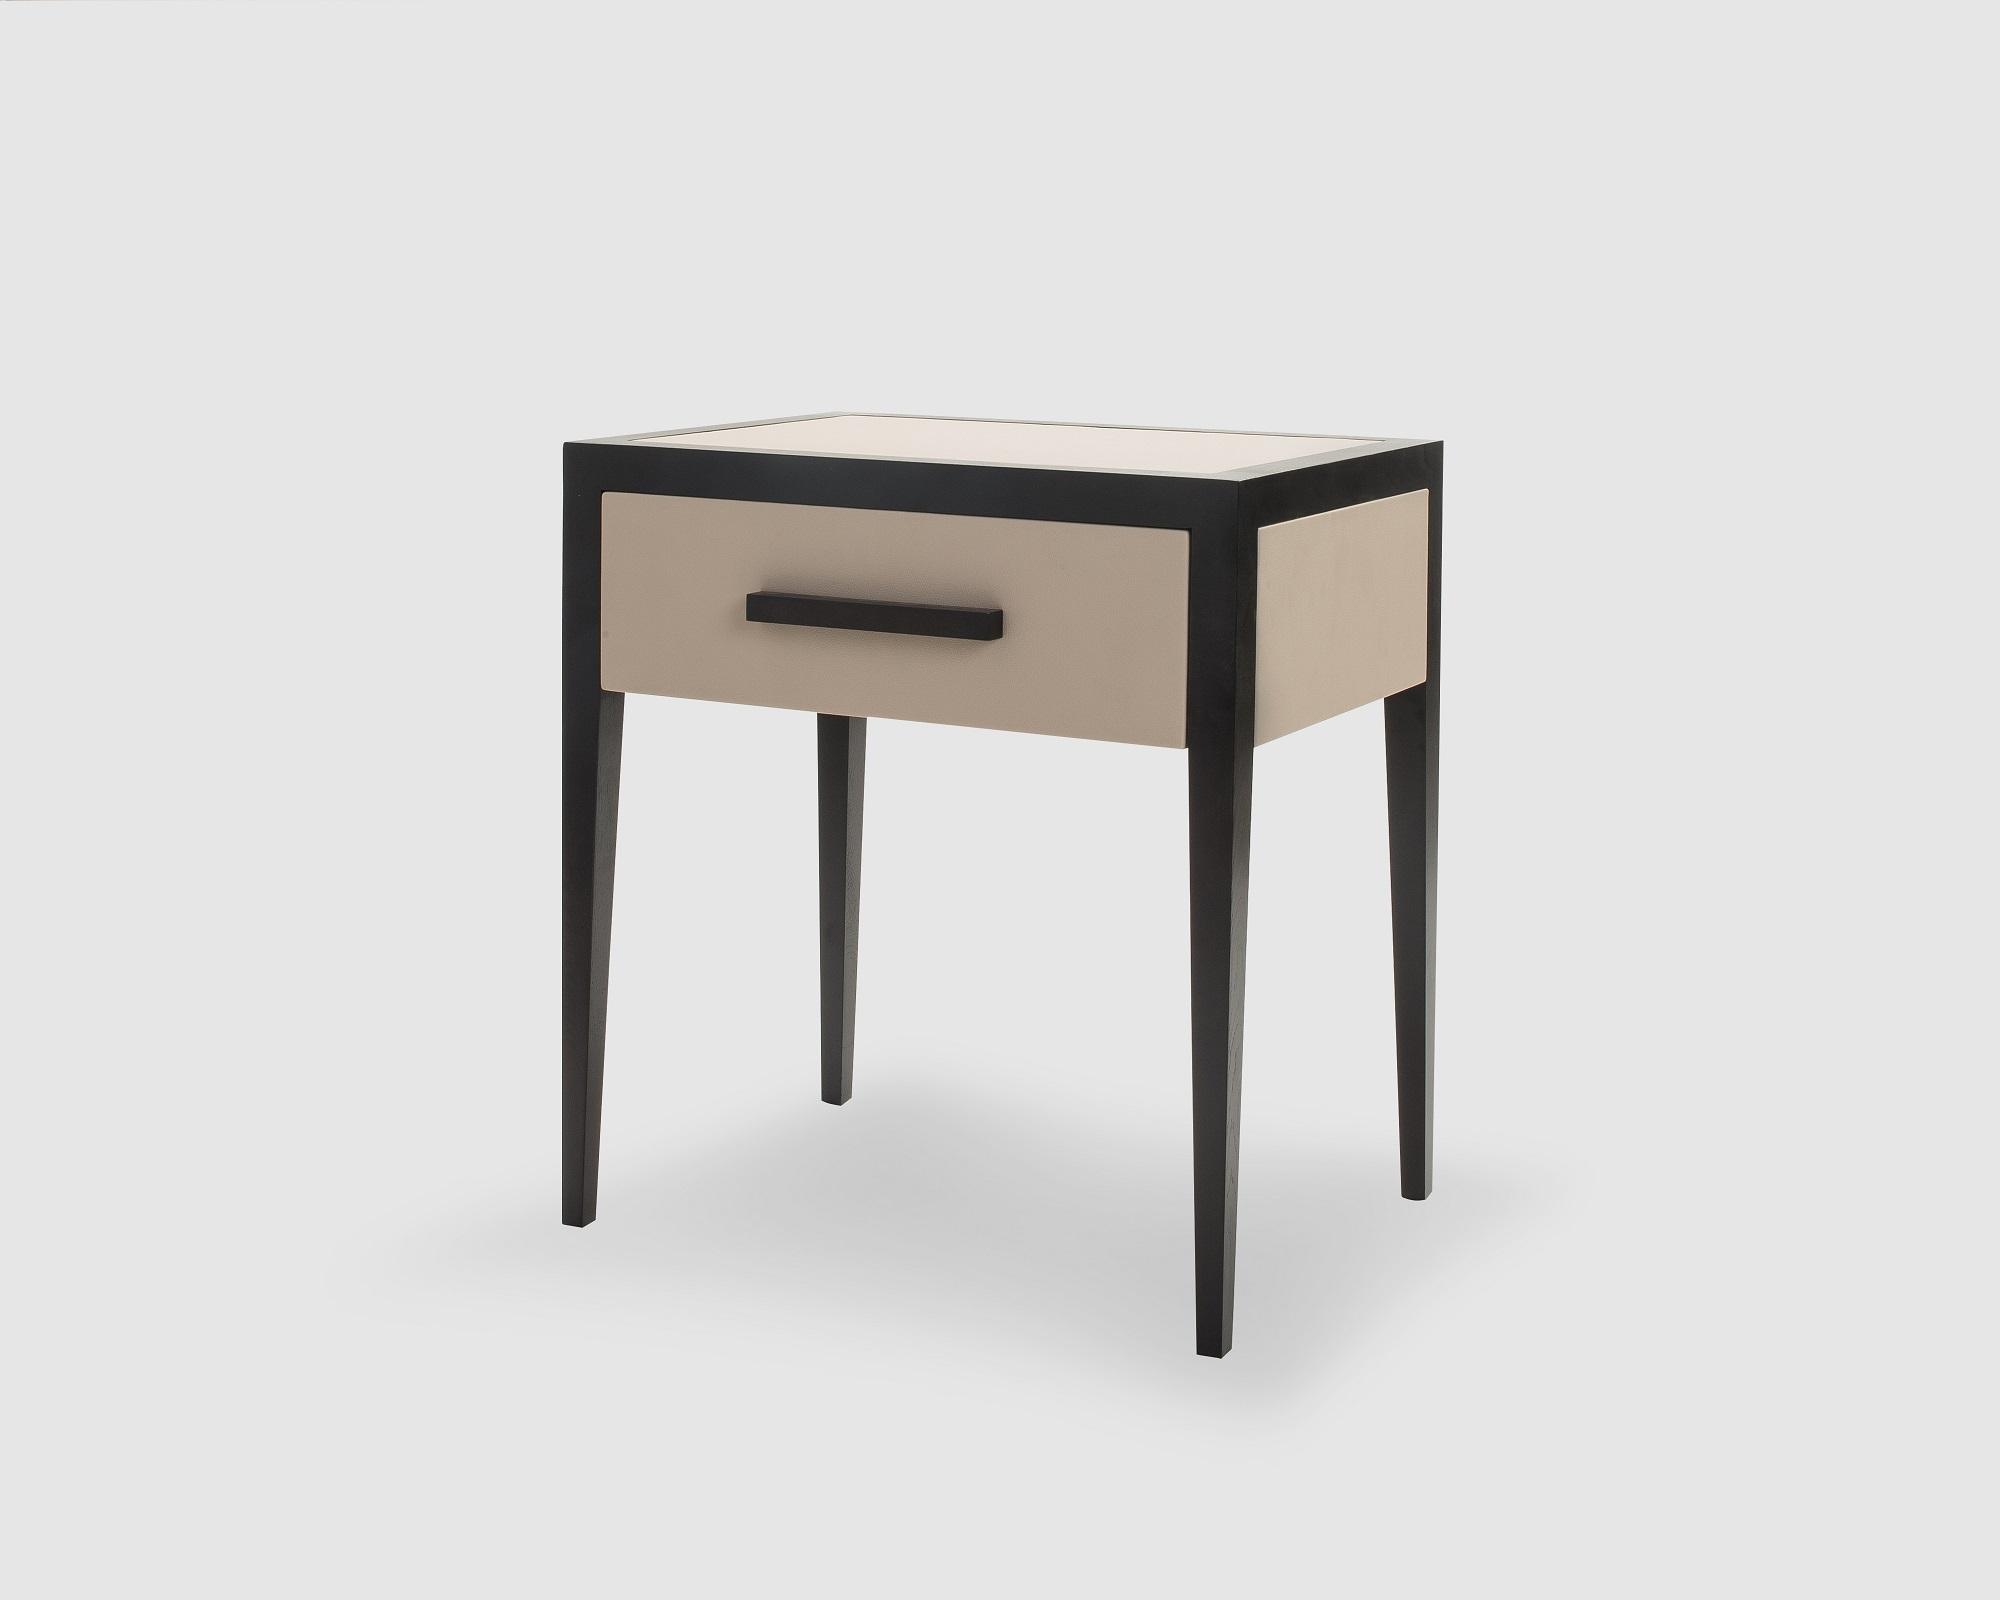 liang-eimil-liza-bedside-table-4